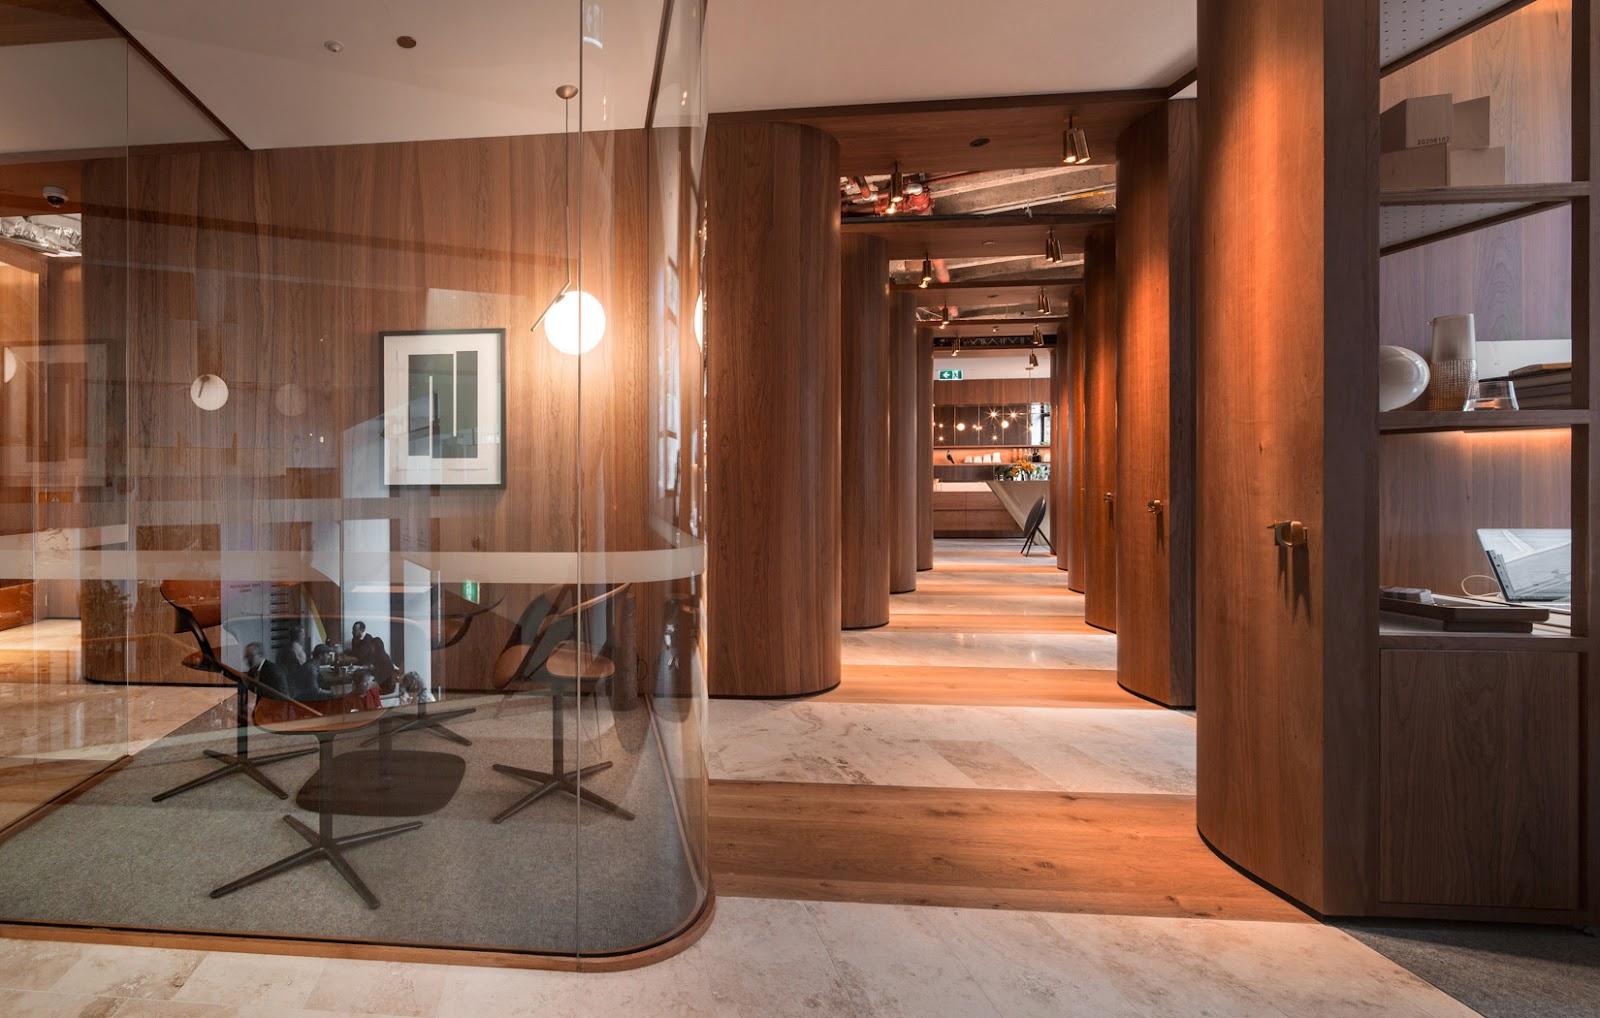 Sơn hiệu ứng Waldo-Văn phòng thiết kế phong cách truyền thống